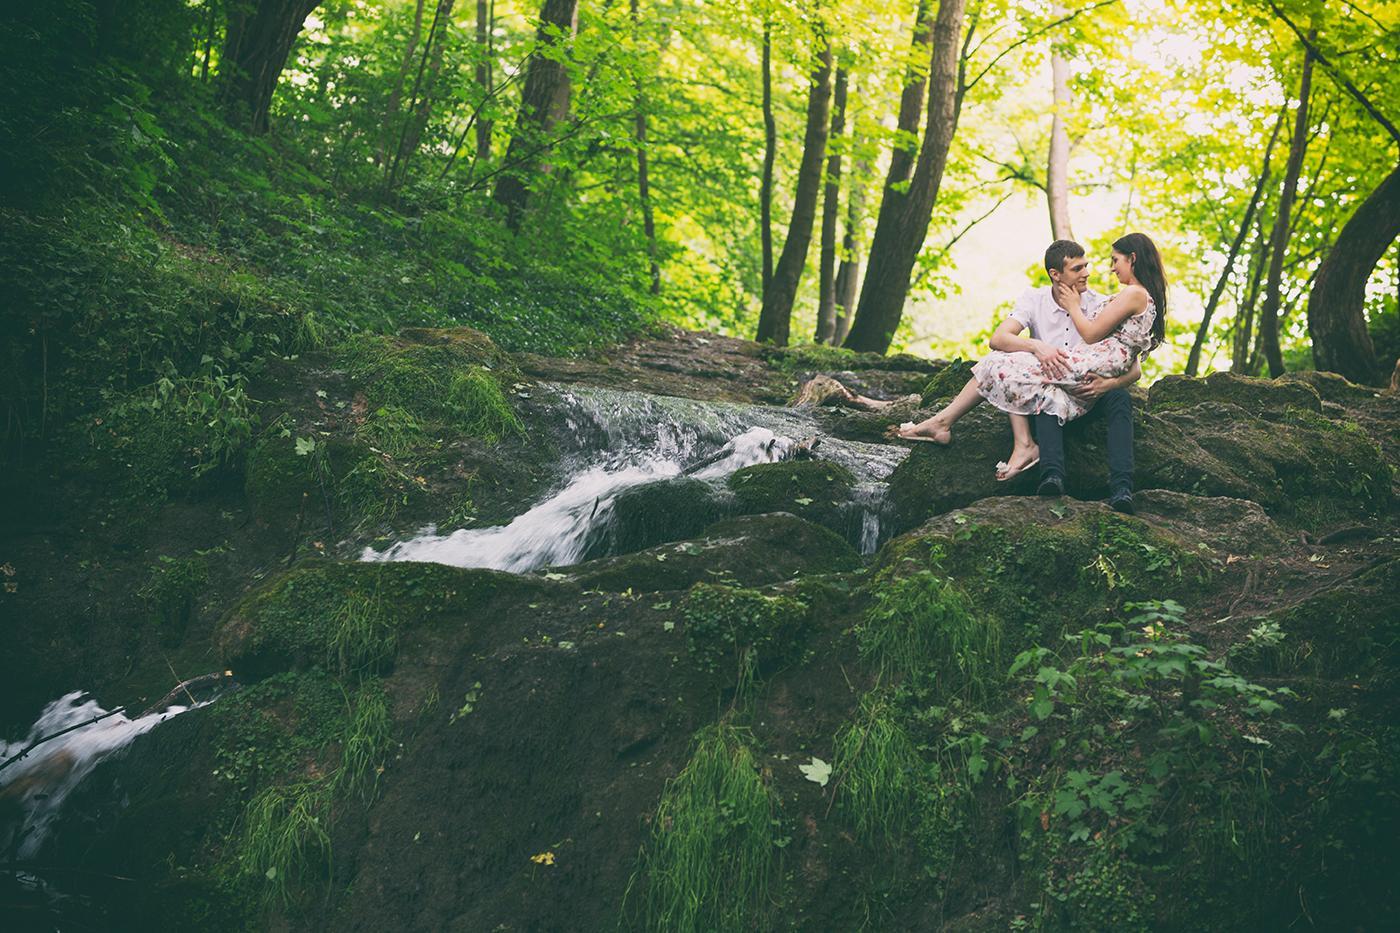 Sesja zdjęciowa odbyła się w Dolinie Racławki. Bardzo ciekawe miejsce na zdjęcia. Dużo pięknych drzew i pomosty nad Potokiem Racławki.